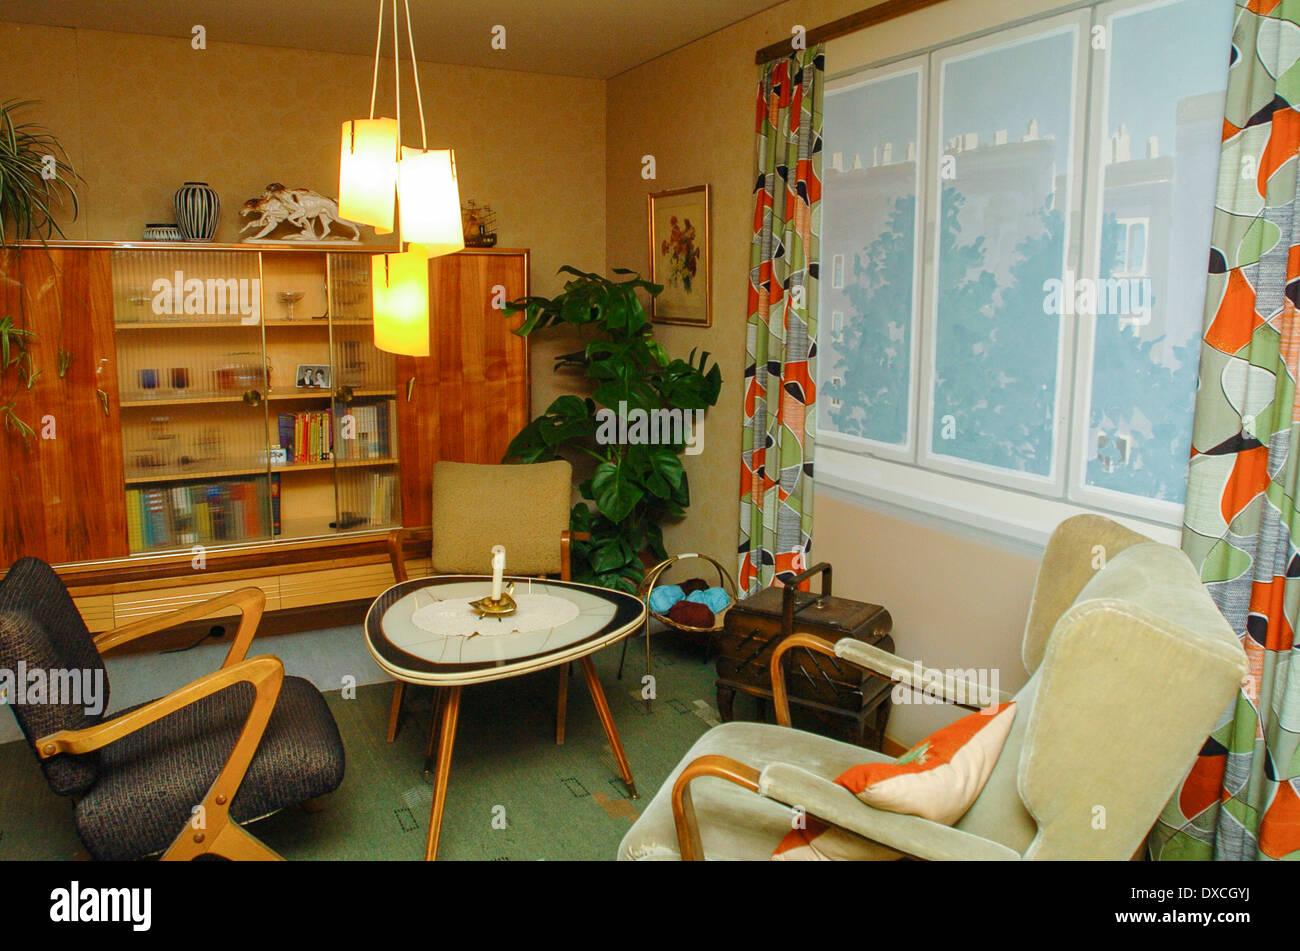 wohnung im 50er jahre stil wohnzimmer stockfoto bild 67888902 alamy. Black Bedroom Furniture Sets. Home Design Ideas